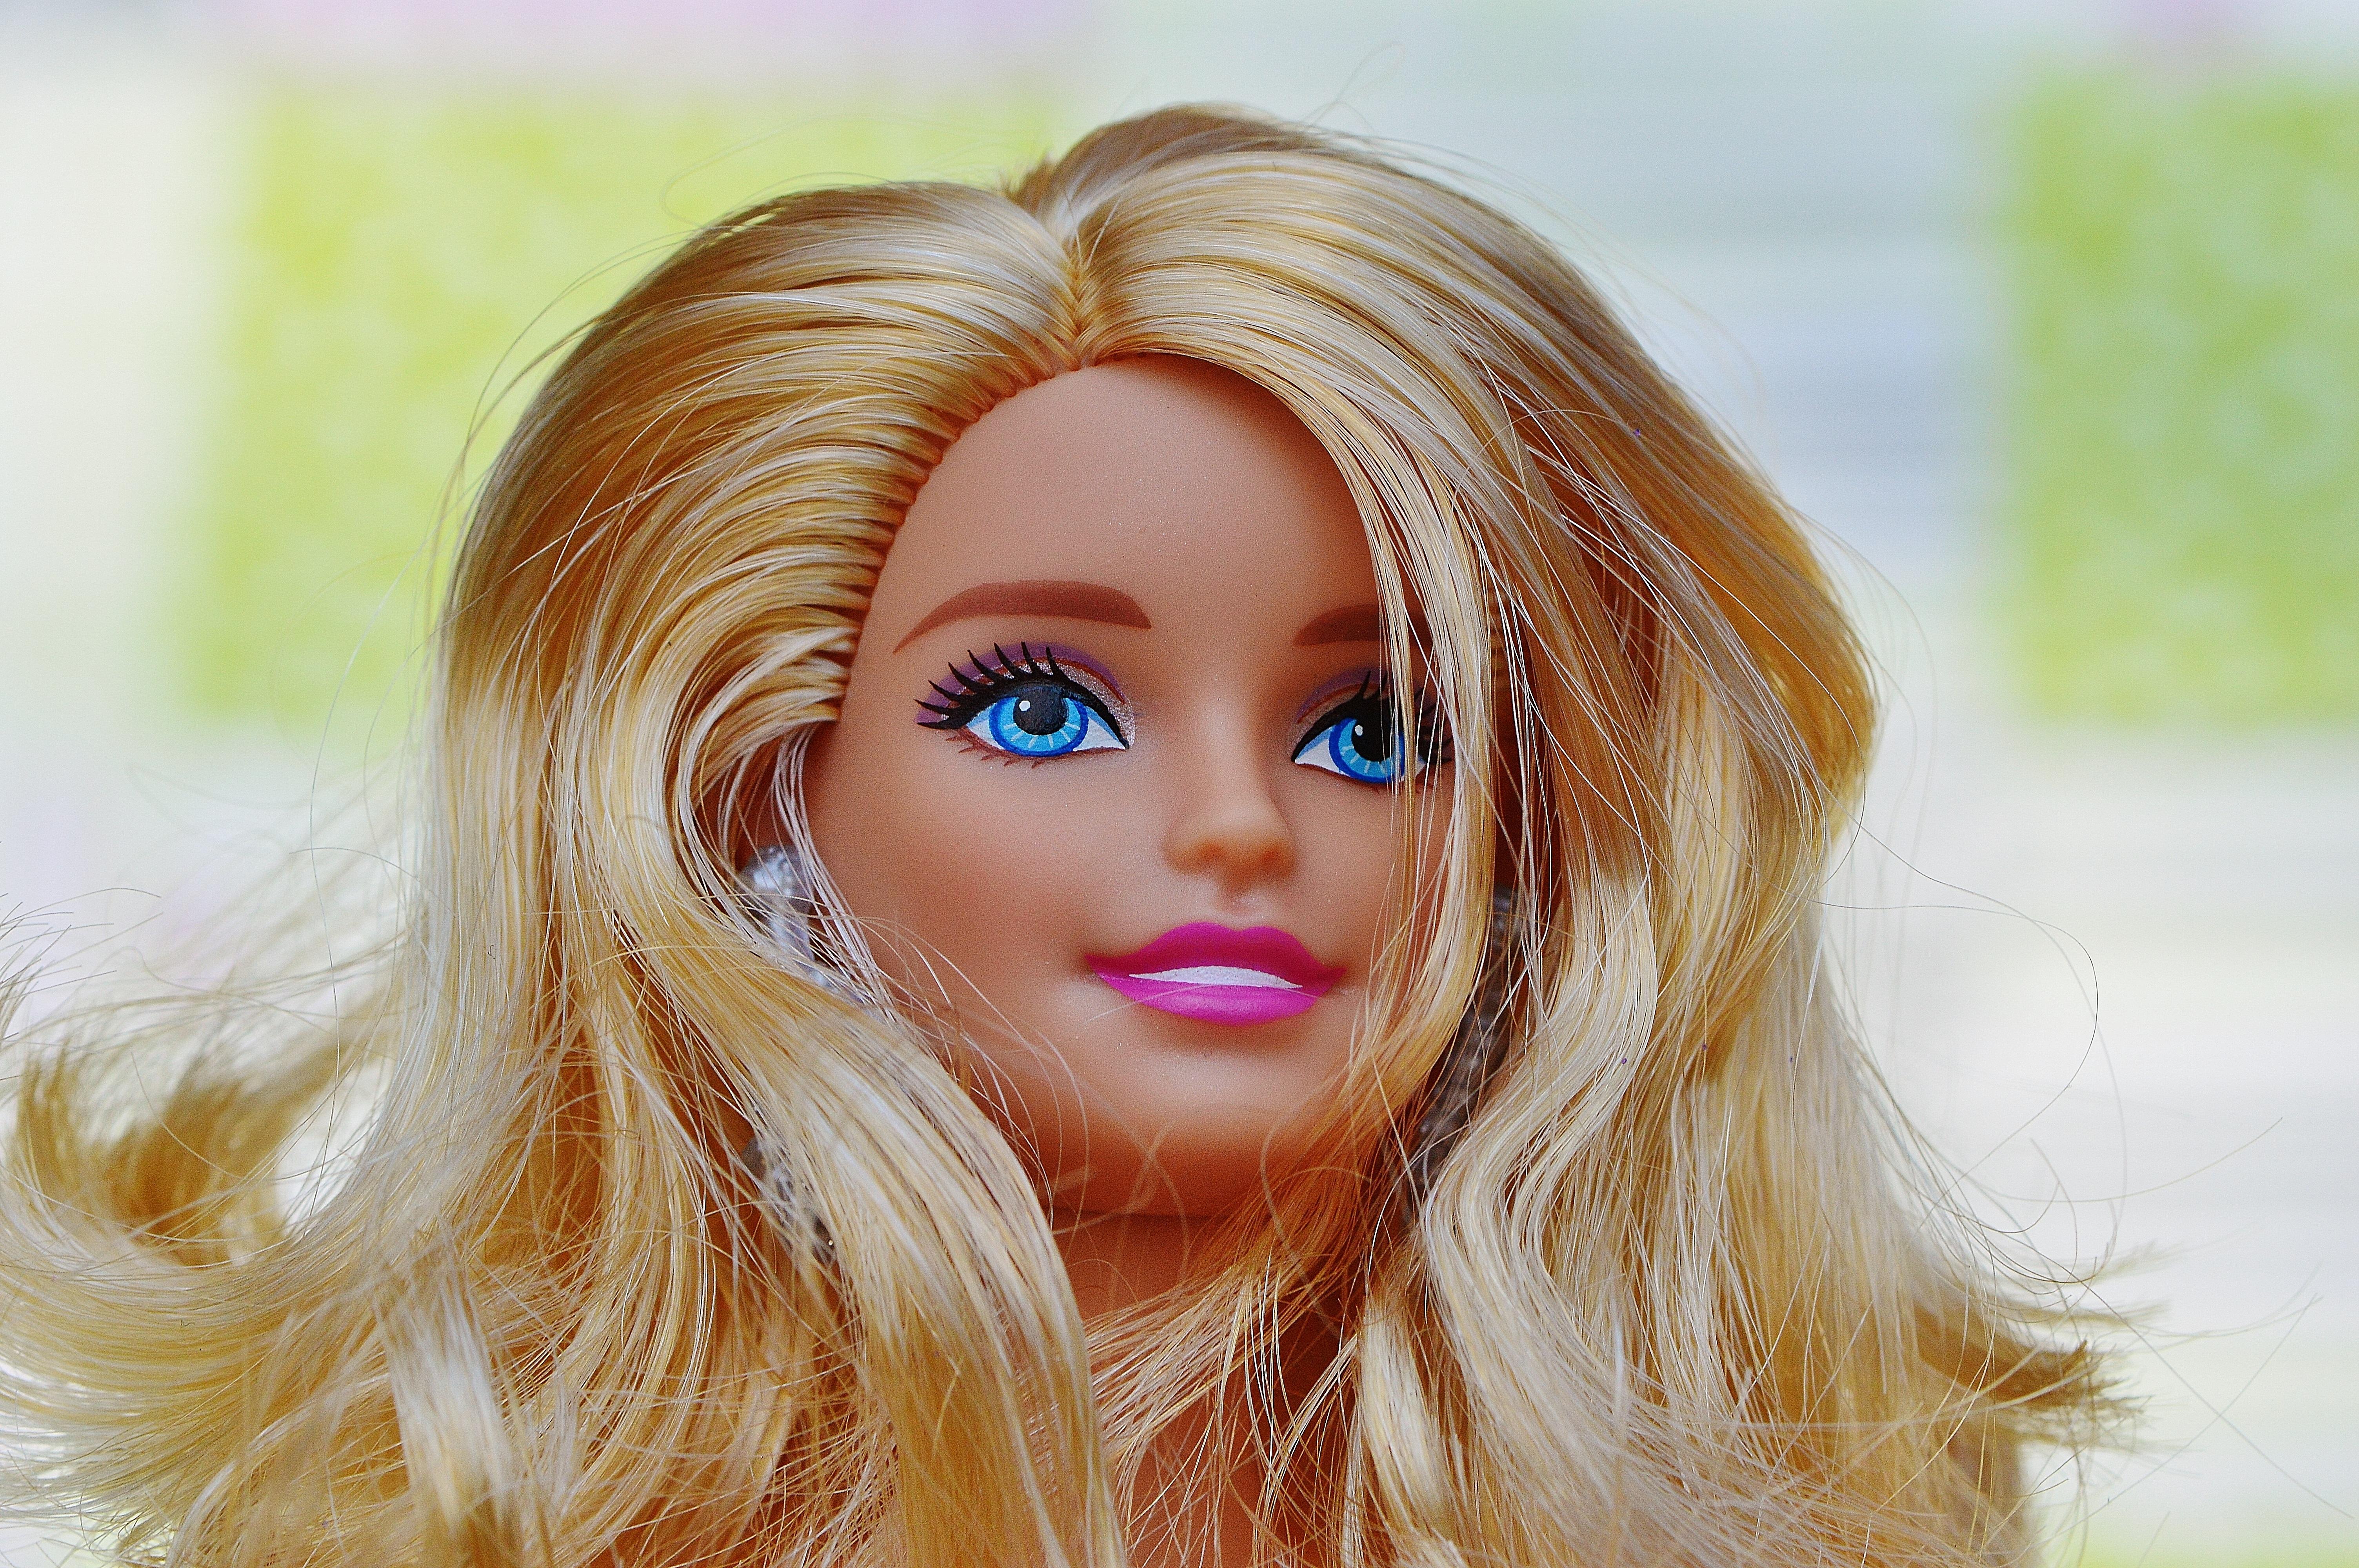 Colegiala de cabello rosado saltando sobre un pene full videogtgt httpbitlycolesalta - 5 2